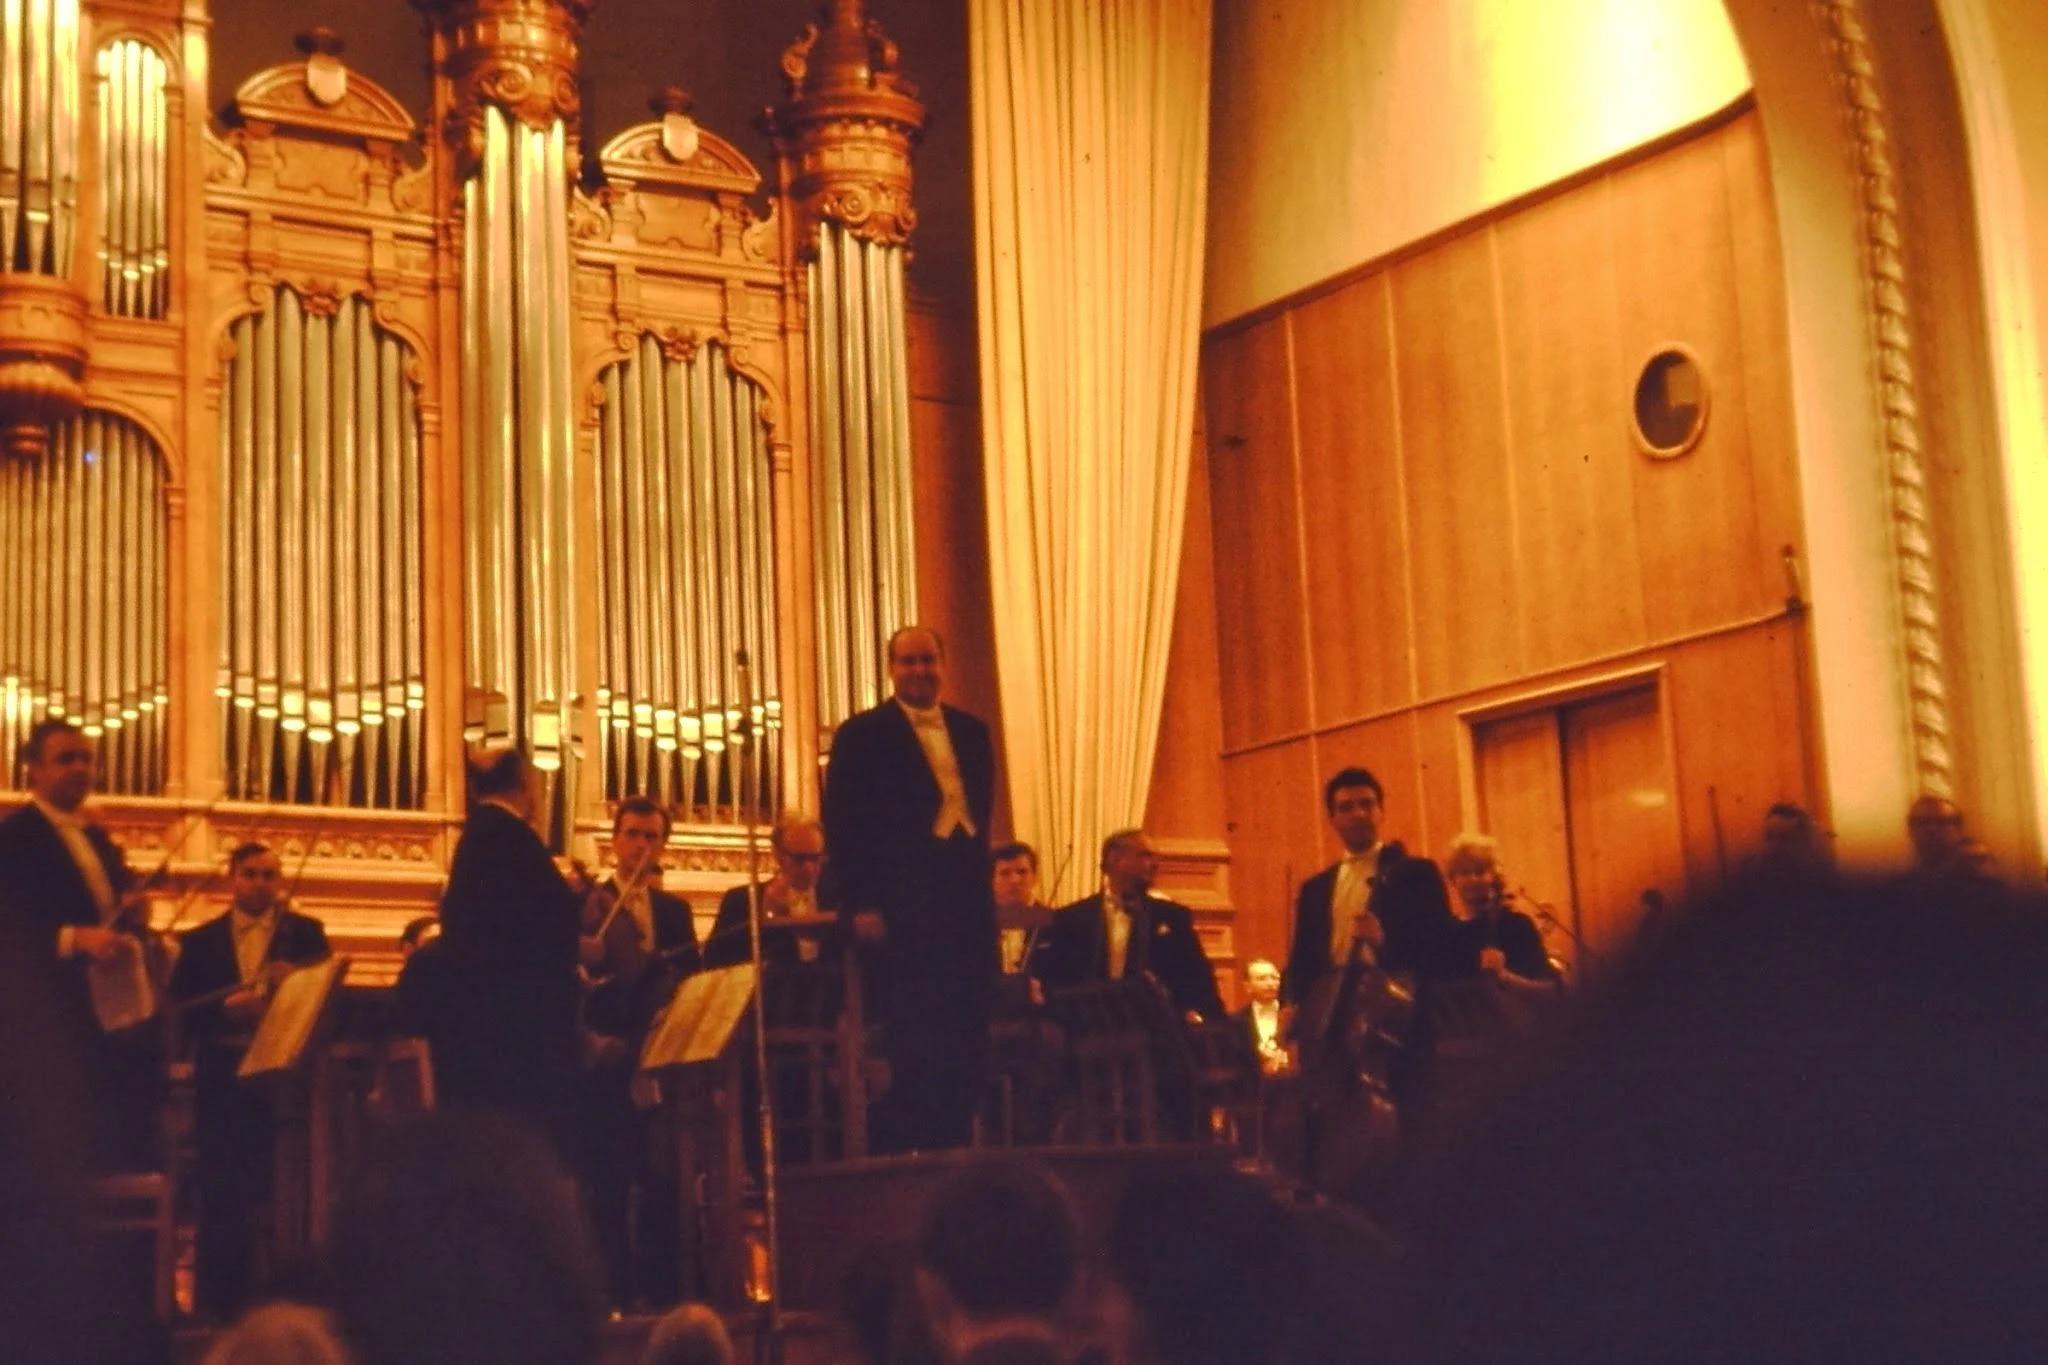 Давид Ойстрах смотрит на Дмитрия Шостаковича, сидящего в зале. После перерыва Чайковский - Шестая симфония (Патетическая) и Гайдн